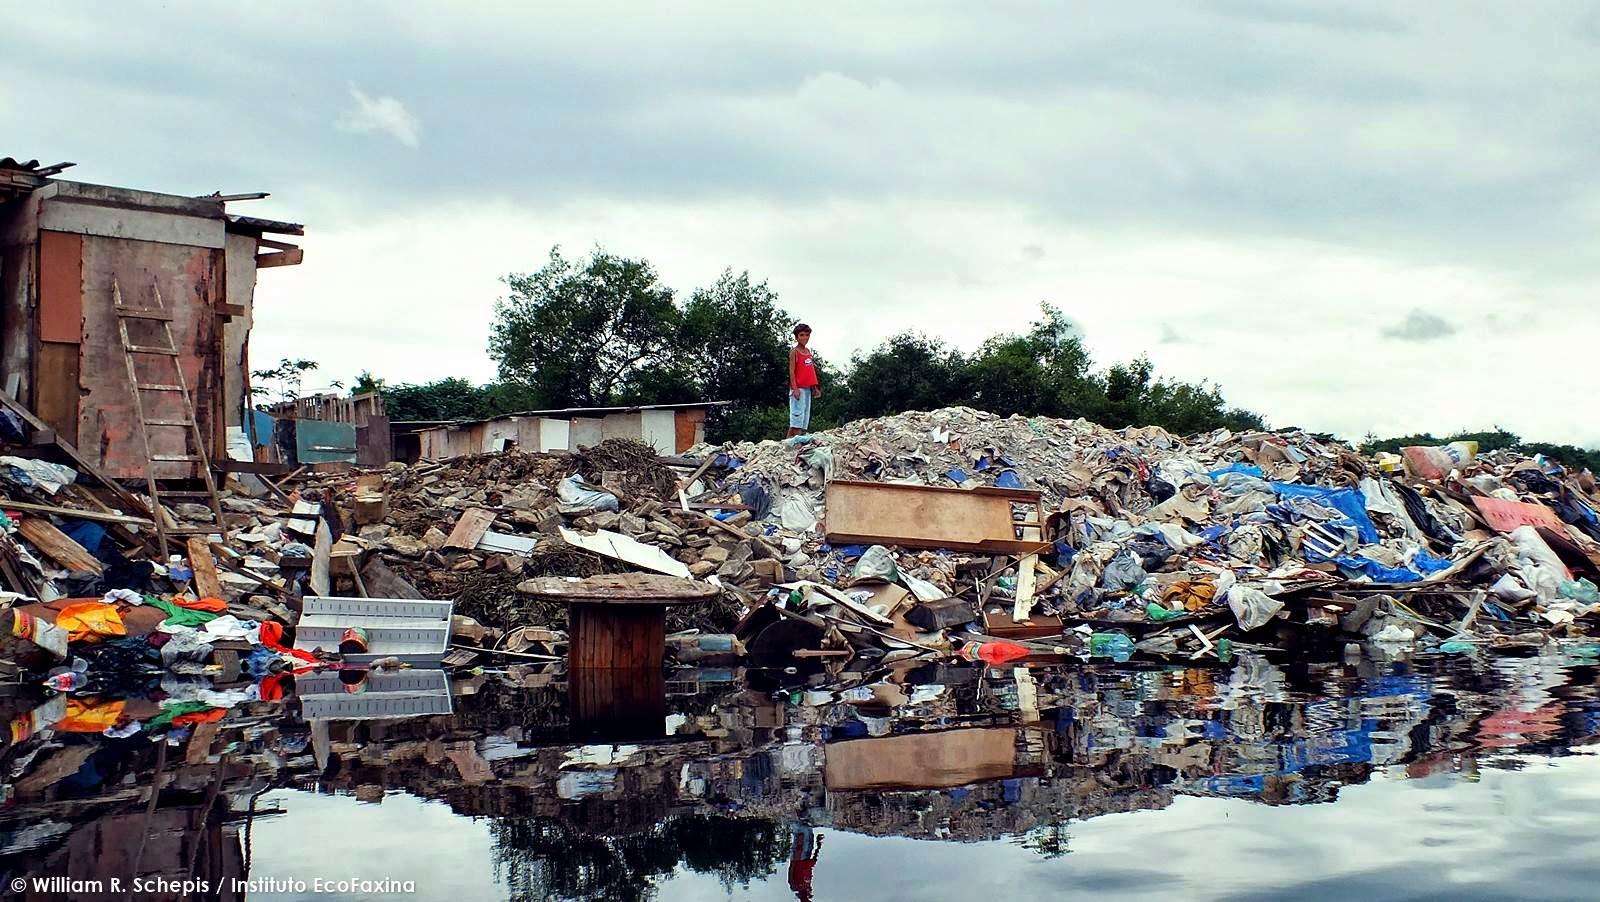 Famílias usam o lixo e entulho para aterrar o manguezal na margem do rio dos Bugres, próximo ao lixão Sambaiatuba, na divisa dos municípios de Santos e São Vicente. Foto: William R. Schepis / Instituto EcoFaxina